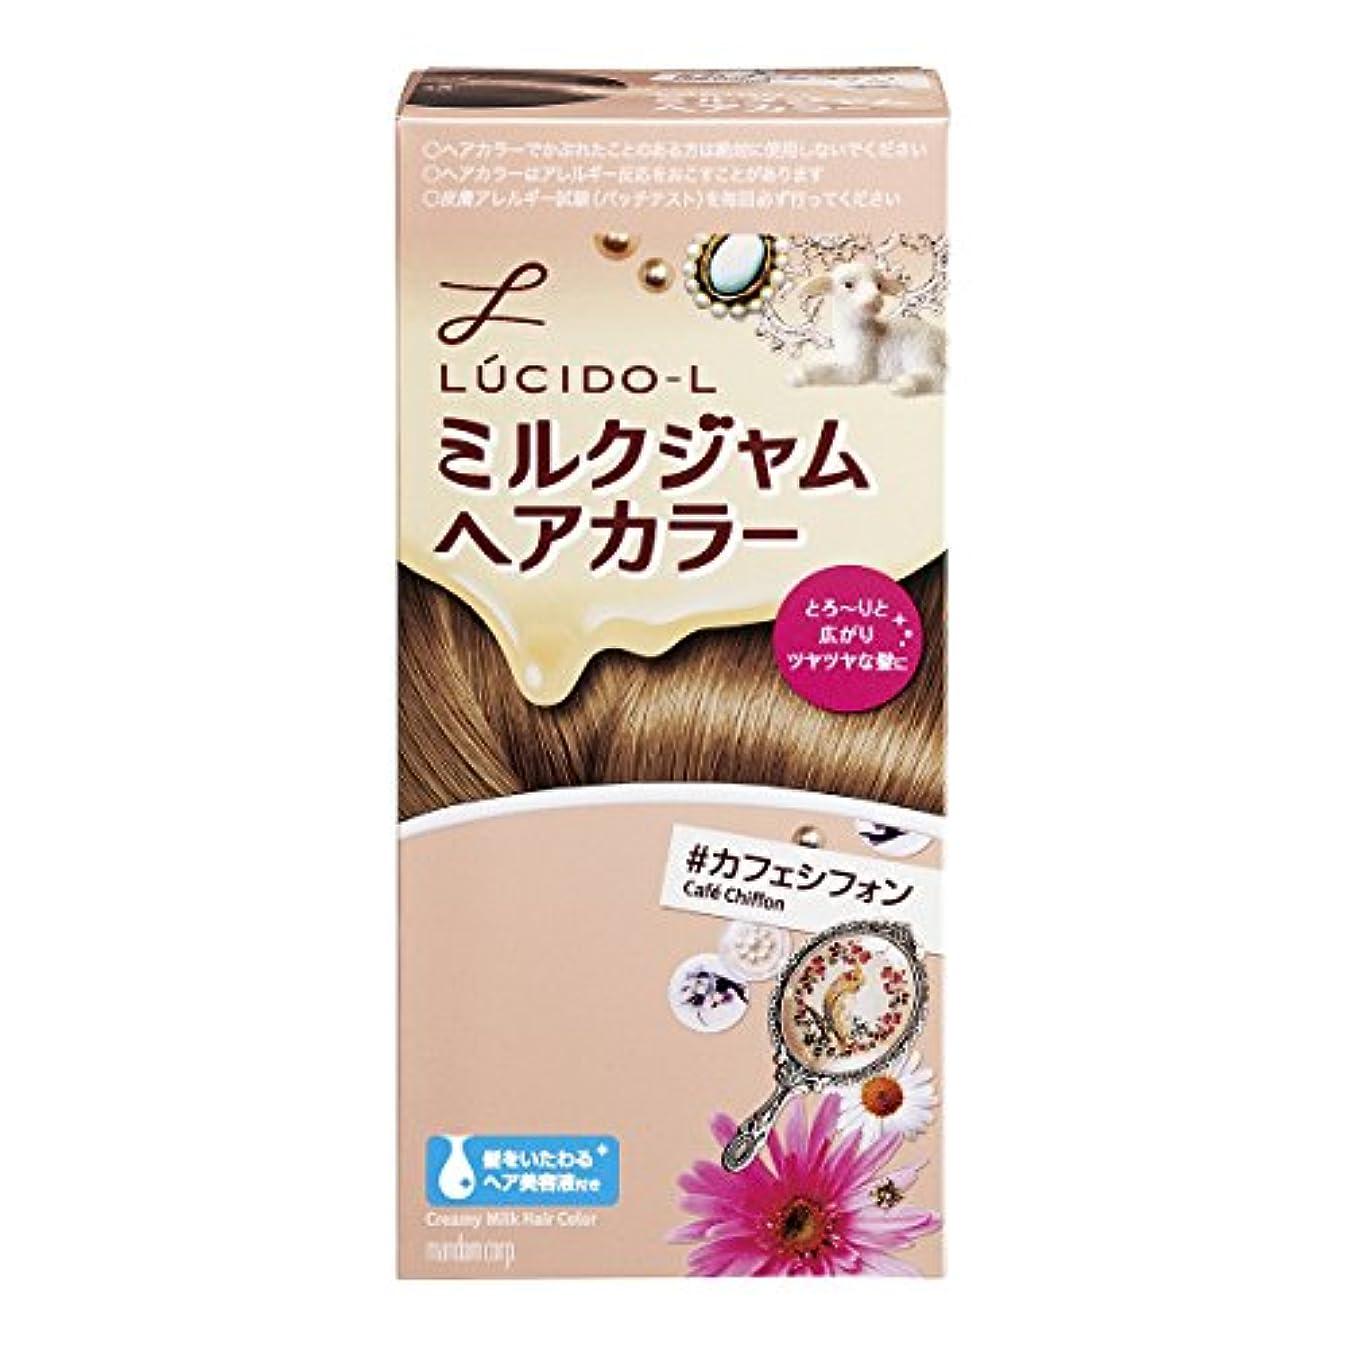 東方好むポンプLUCIDO-L (ルシードエル) ミルクジャムヘアカラー #カフェシフォン(医薬部外品) (1剤40g 2剤80mL TR5g)